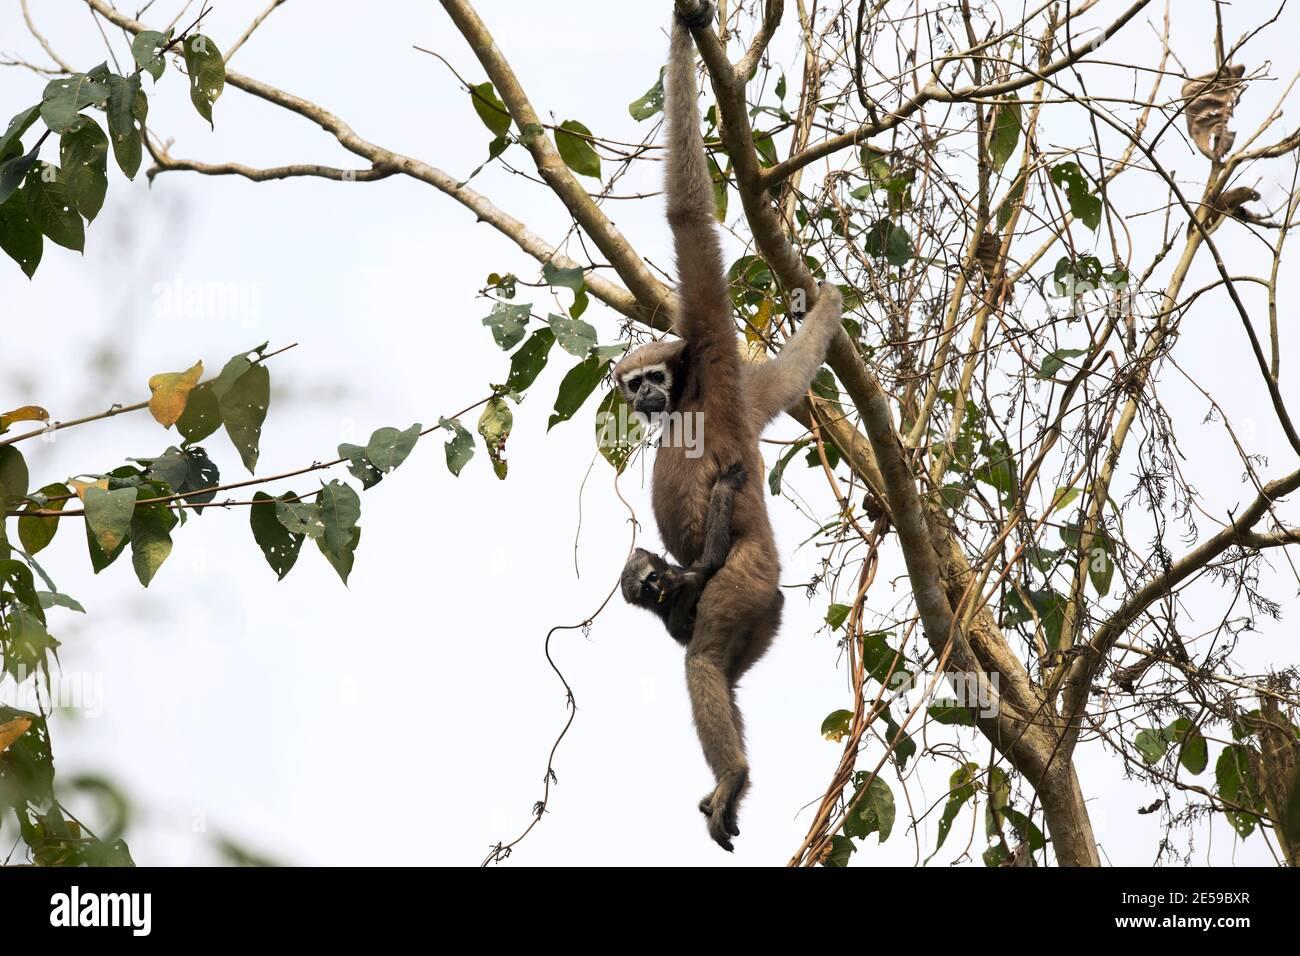 L'image de Hoolock gibbon (Hoolock hoolock) a été prise dans le sanctuaire de Gibbbon Assam, Inde, Asie Banque D'Images